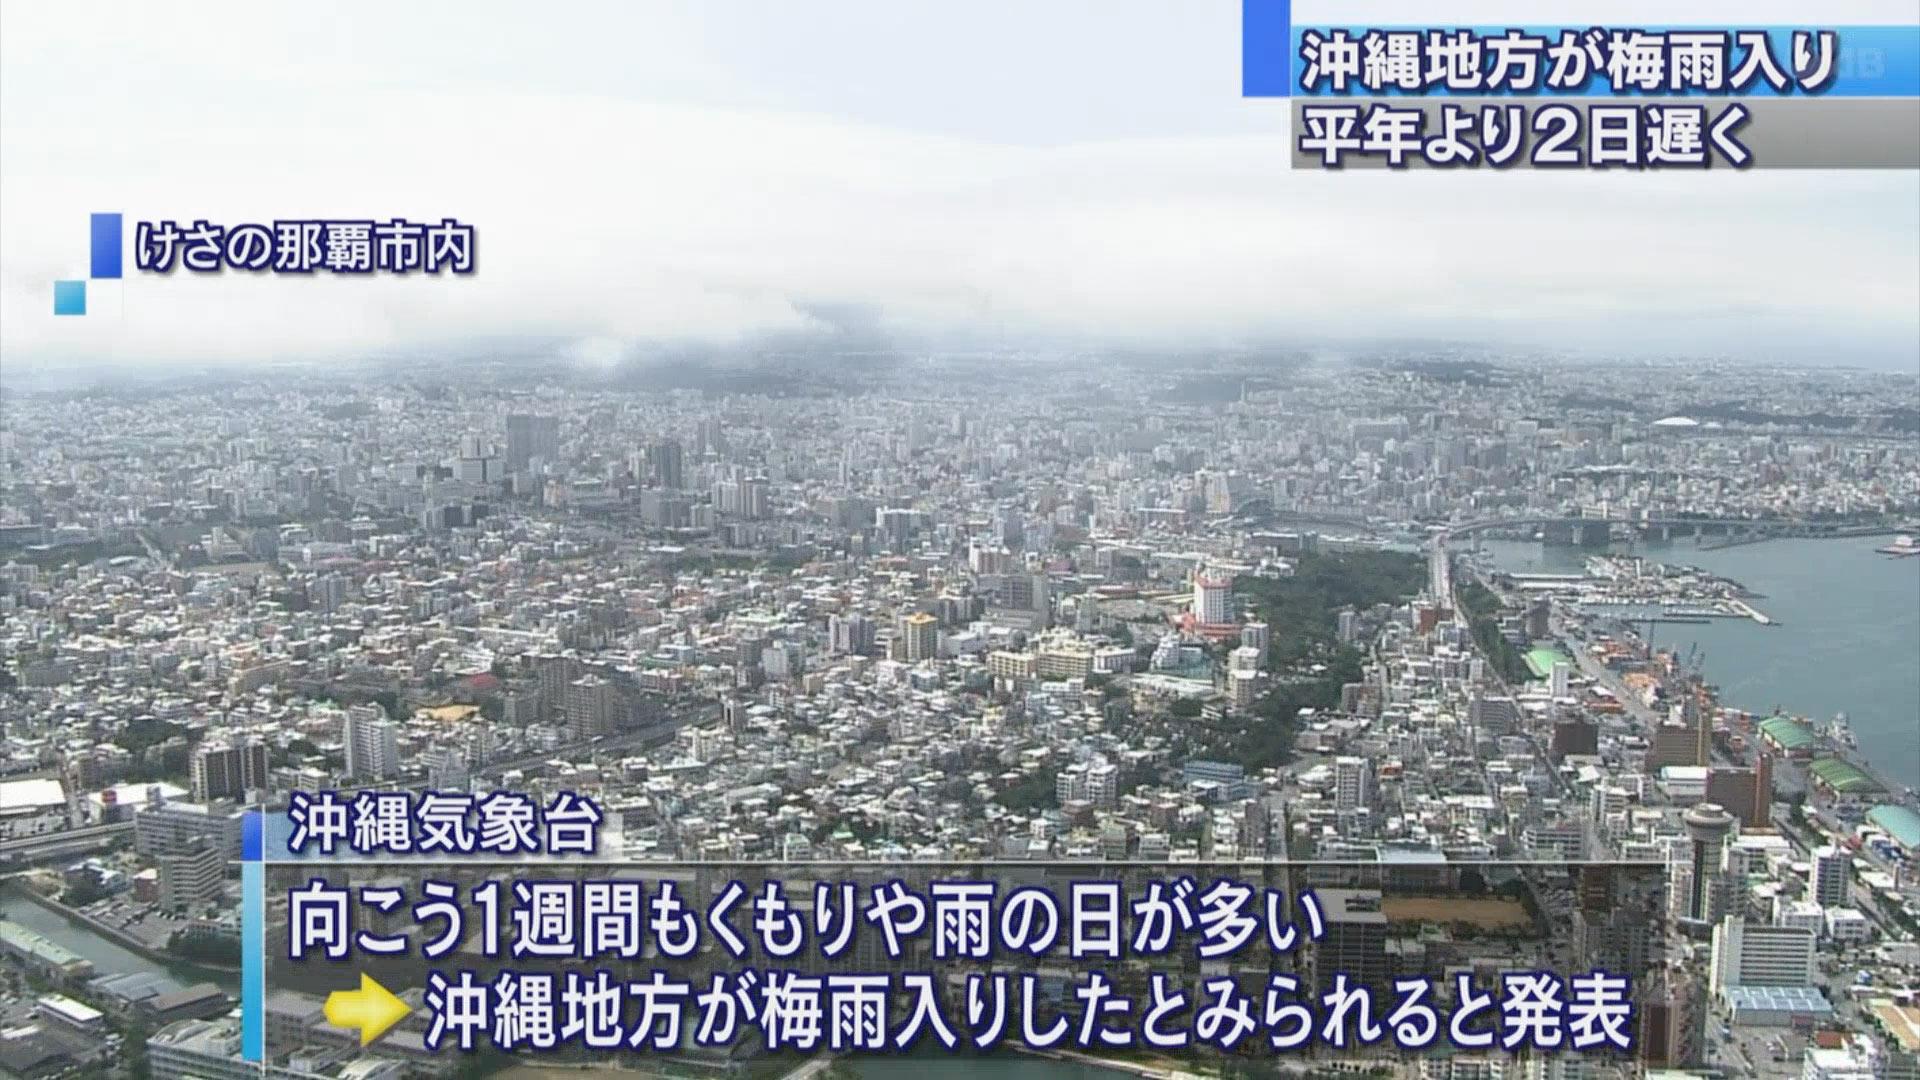 沖縄地方が梅雨入り 平年より2日遅く